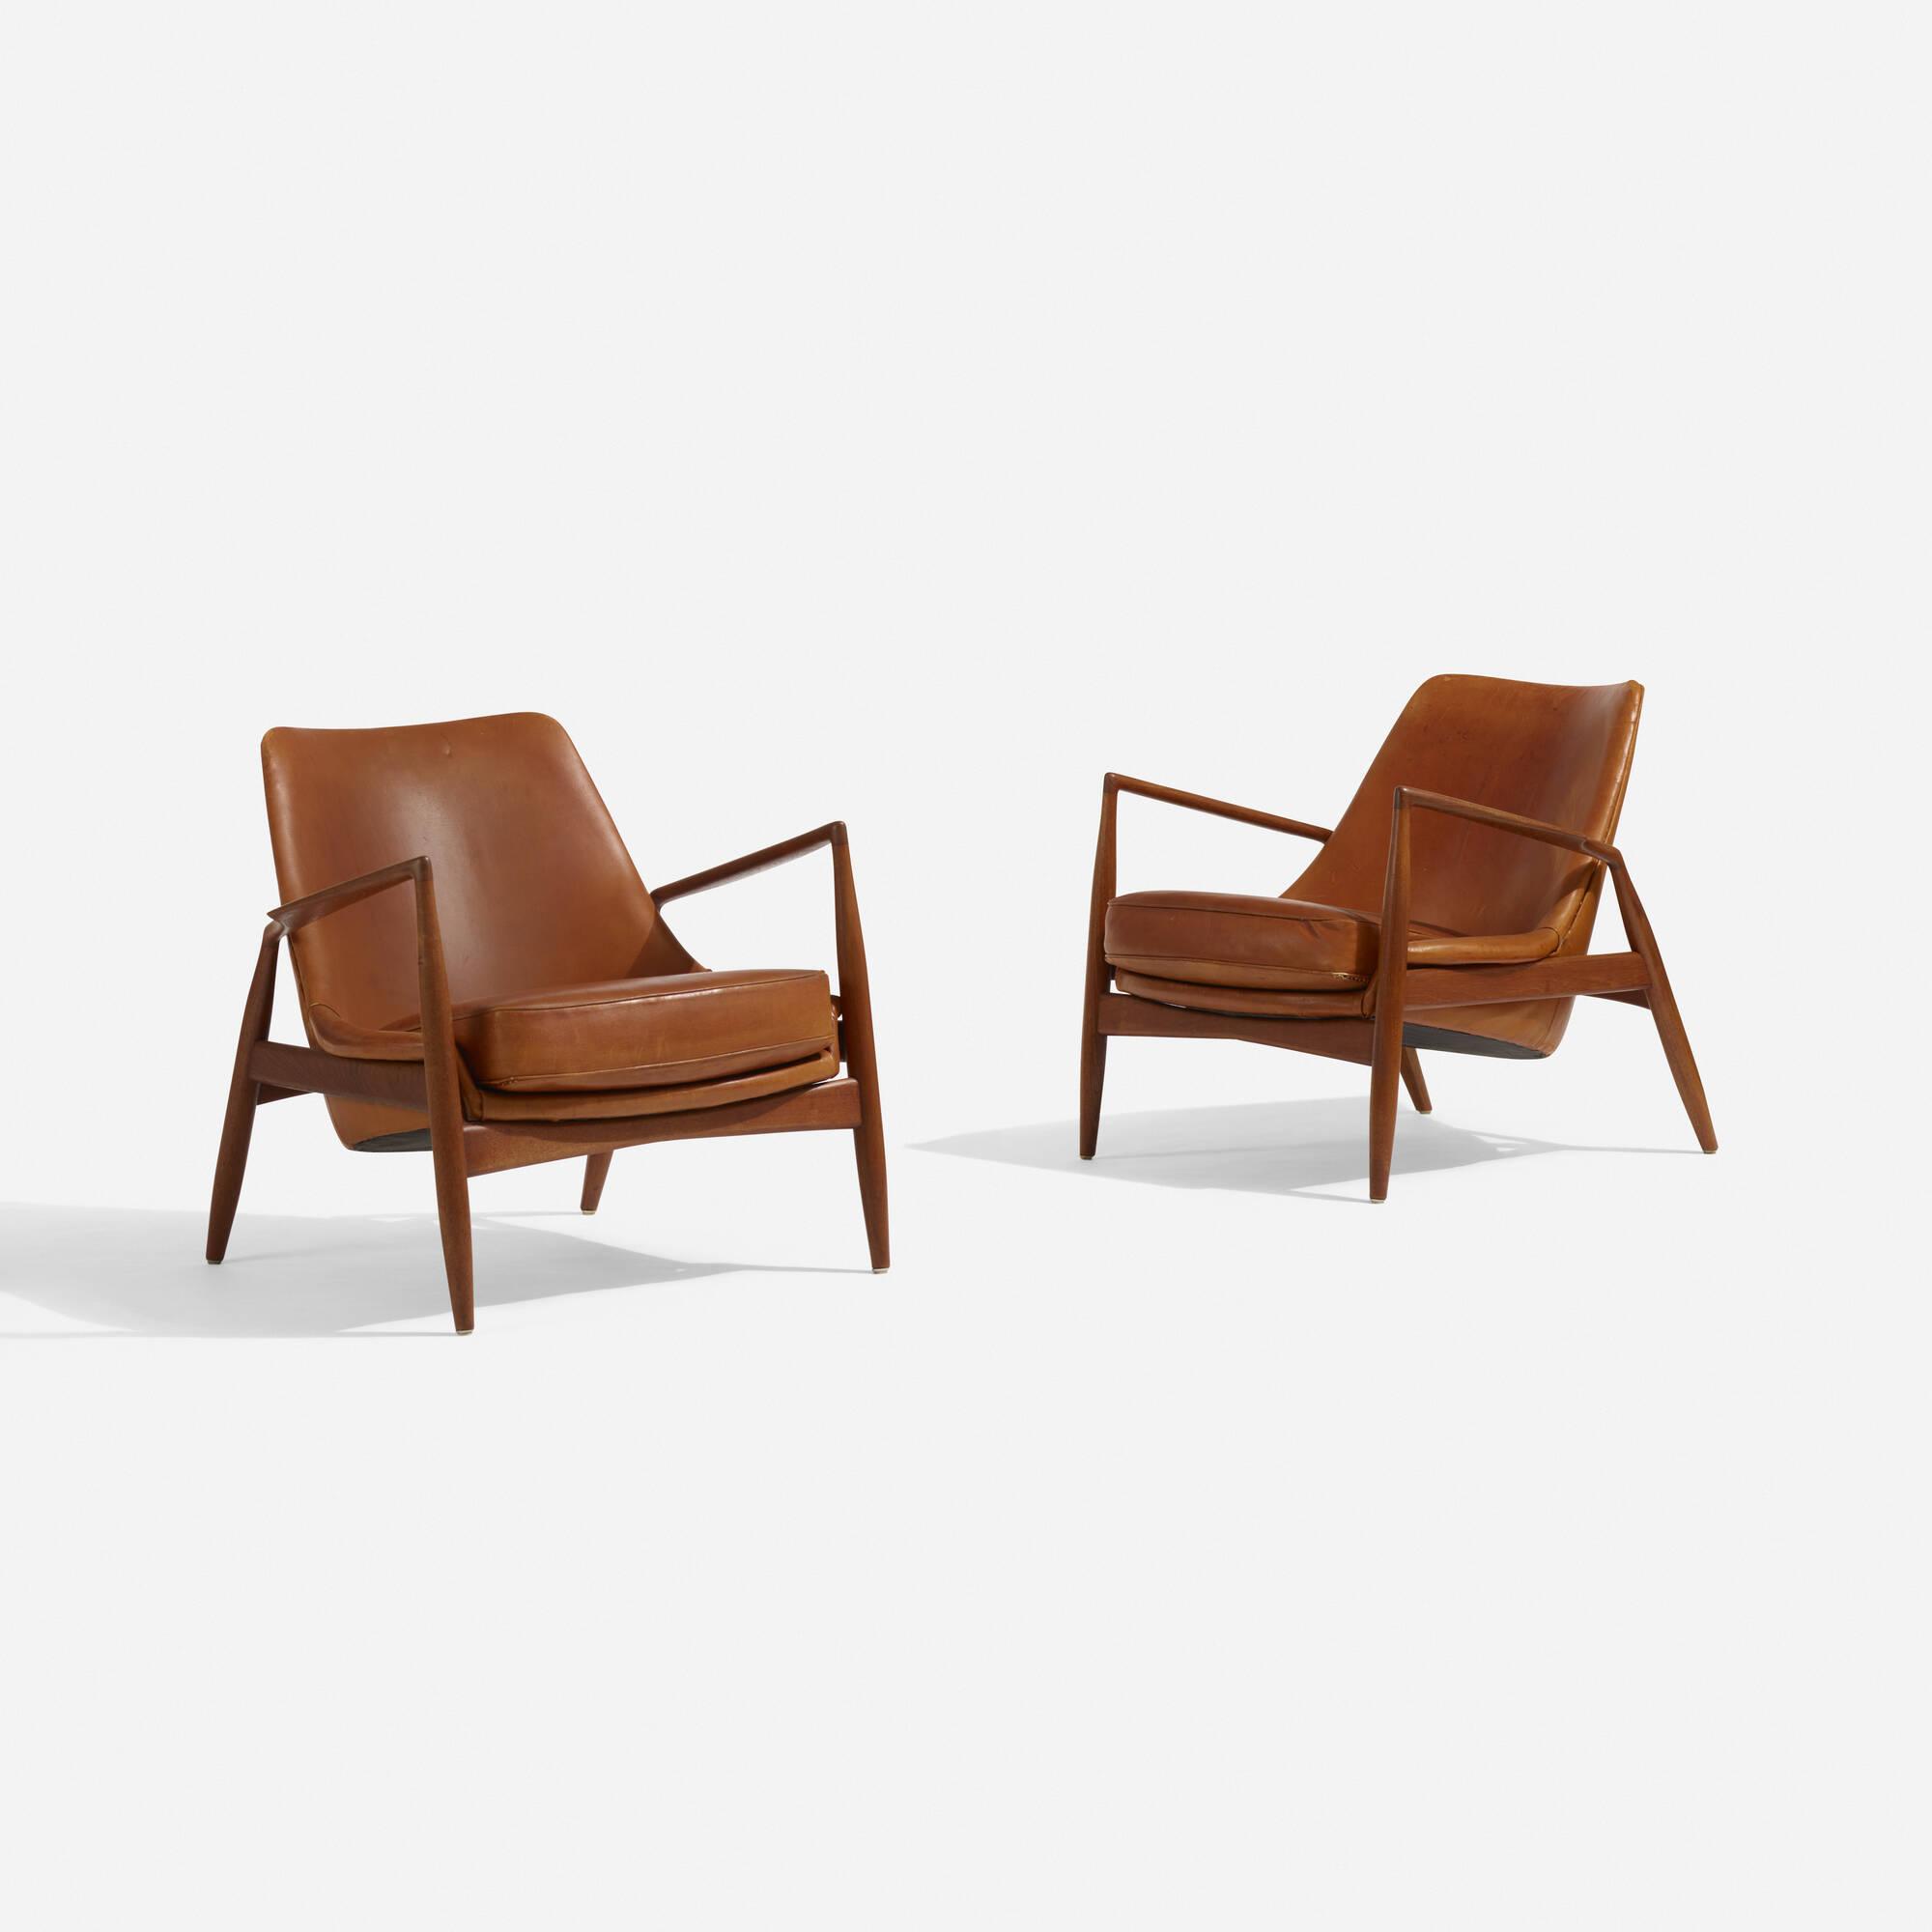 111: Ib Kofod Larsen / Seal Lounge Chairs, Pair (1 Of 4